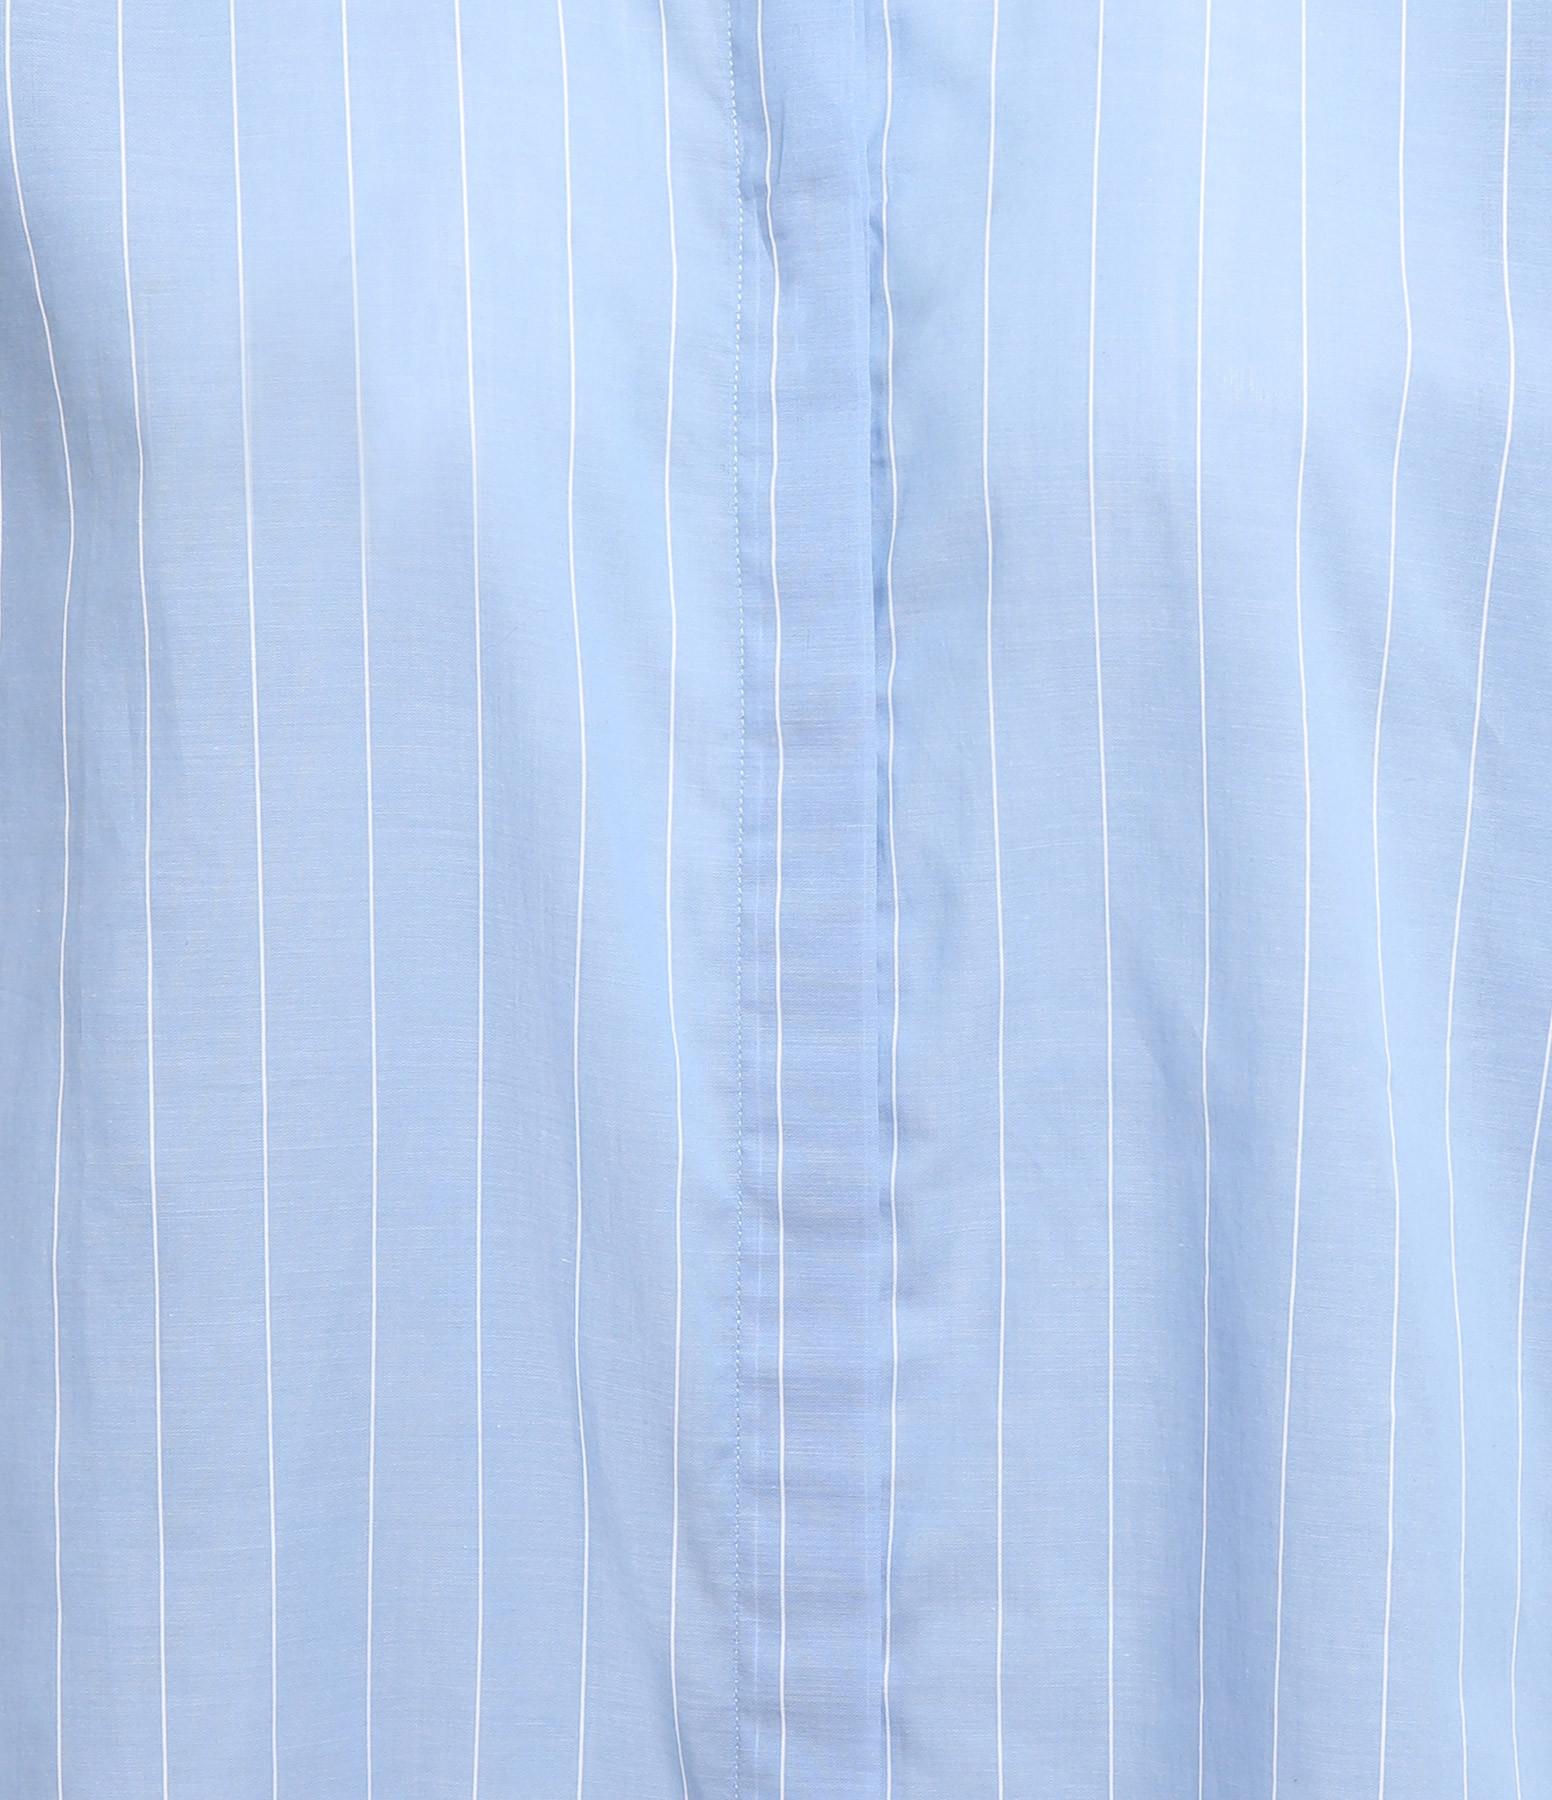 HANA SAN - Chemise Idori Bleu